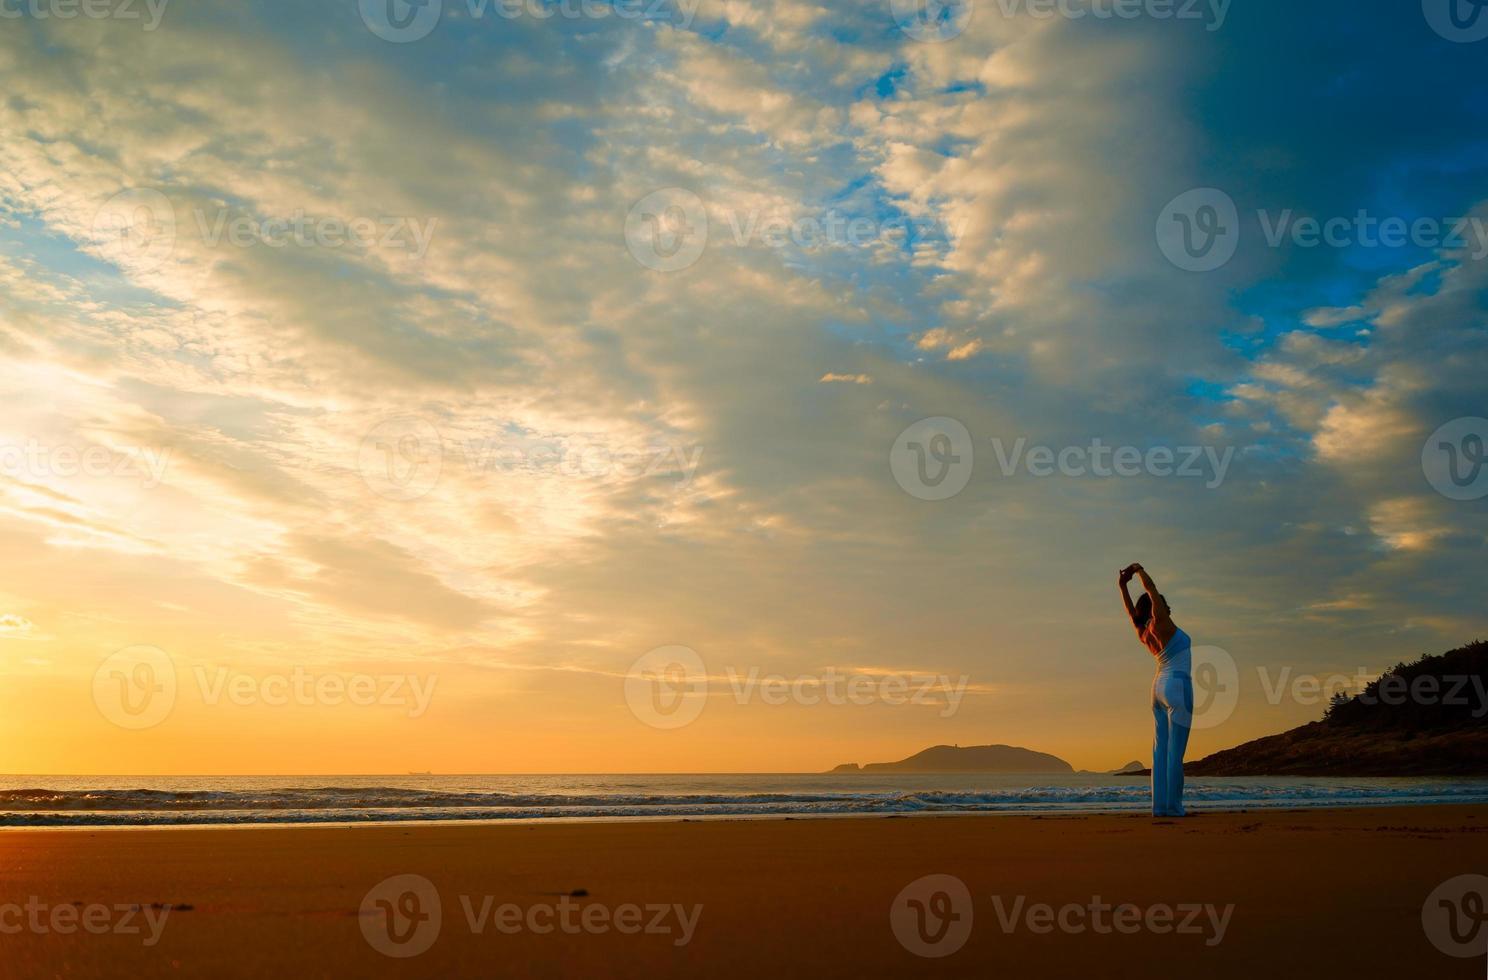 Yoga on a beach photo